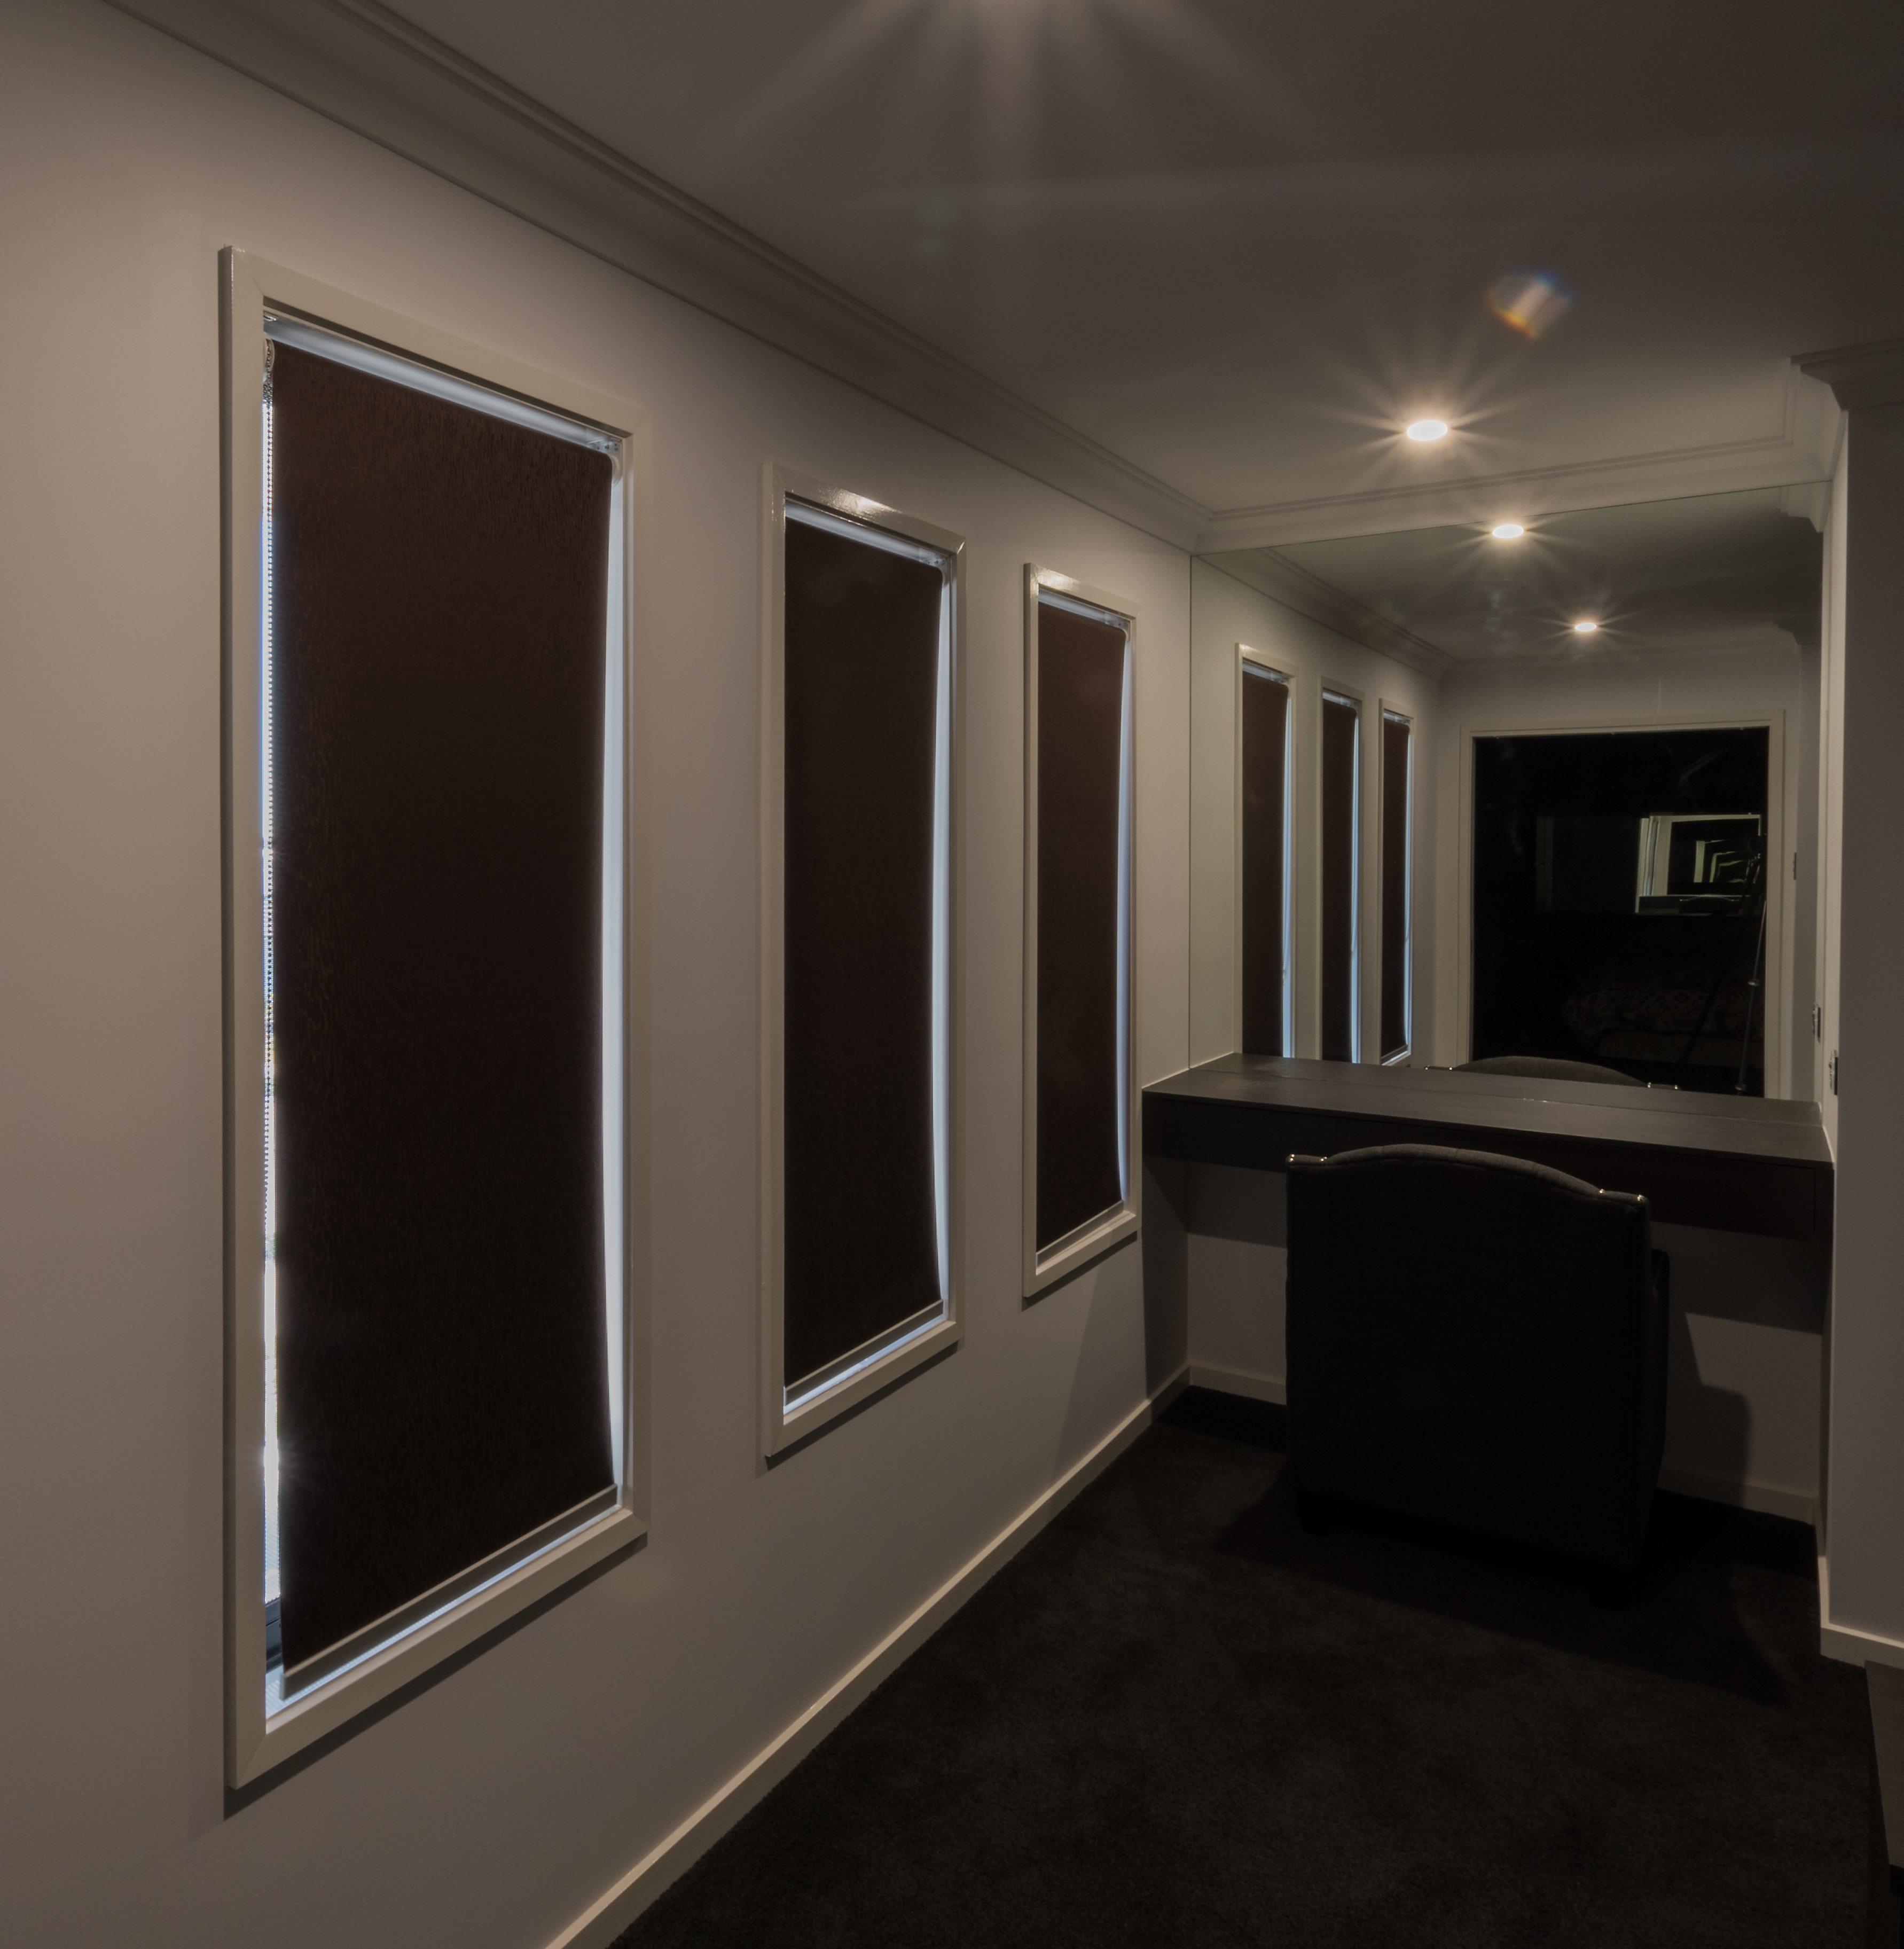 Three dark roller blinds